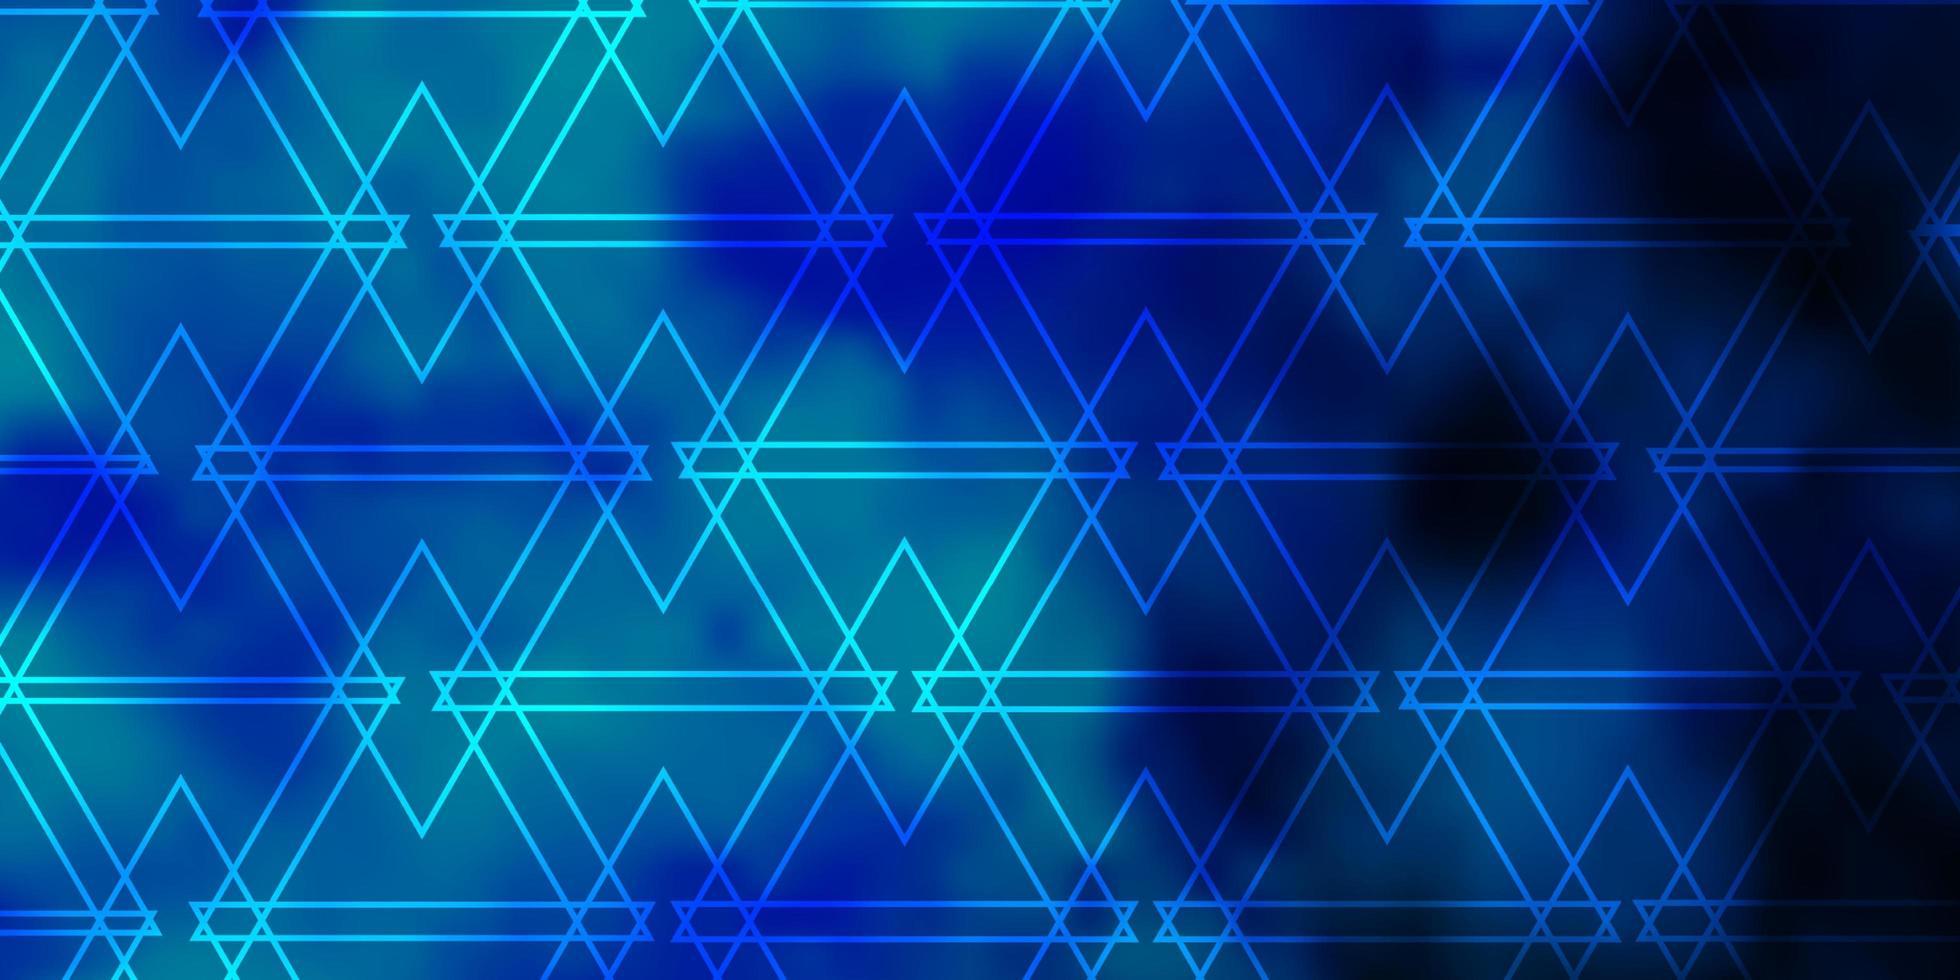 hellblauer Vektorhintergrund mit Linien, Dreiecken. vektor